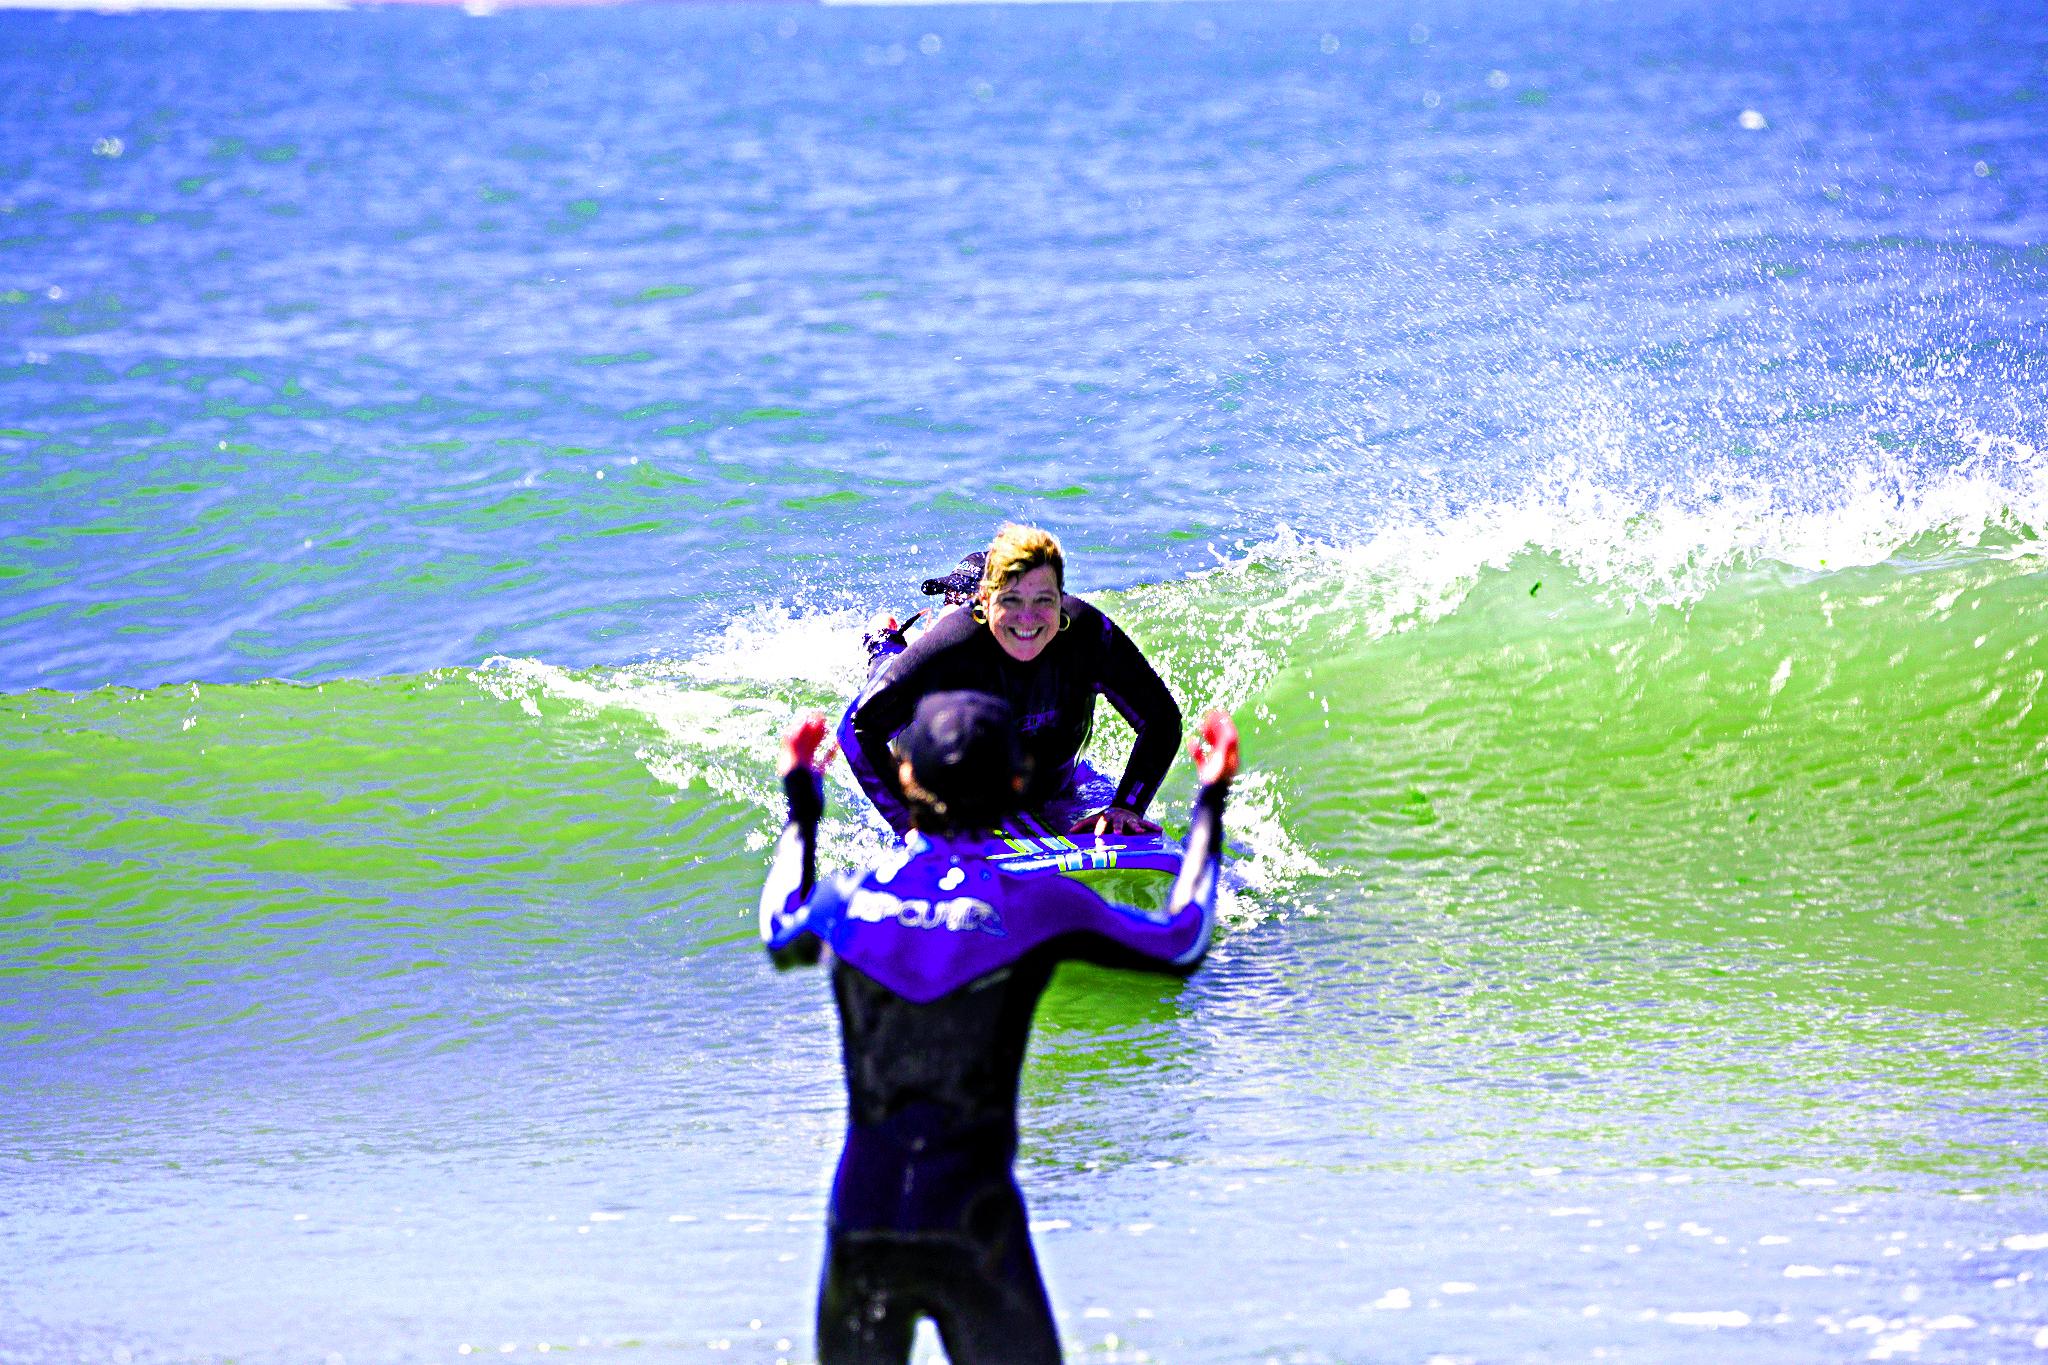 SurfLive_081016A